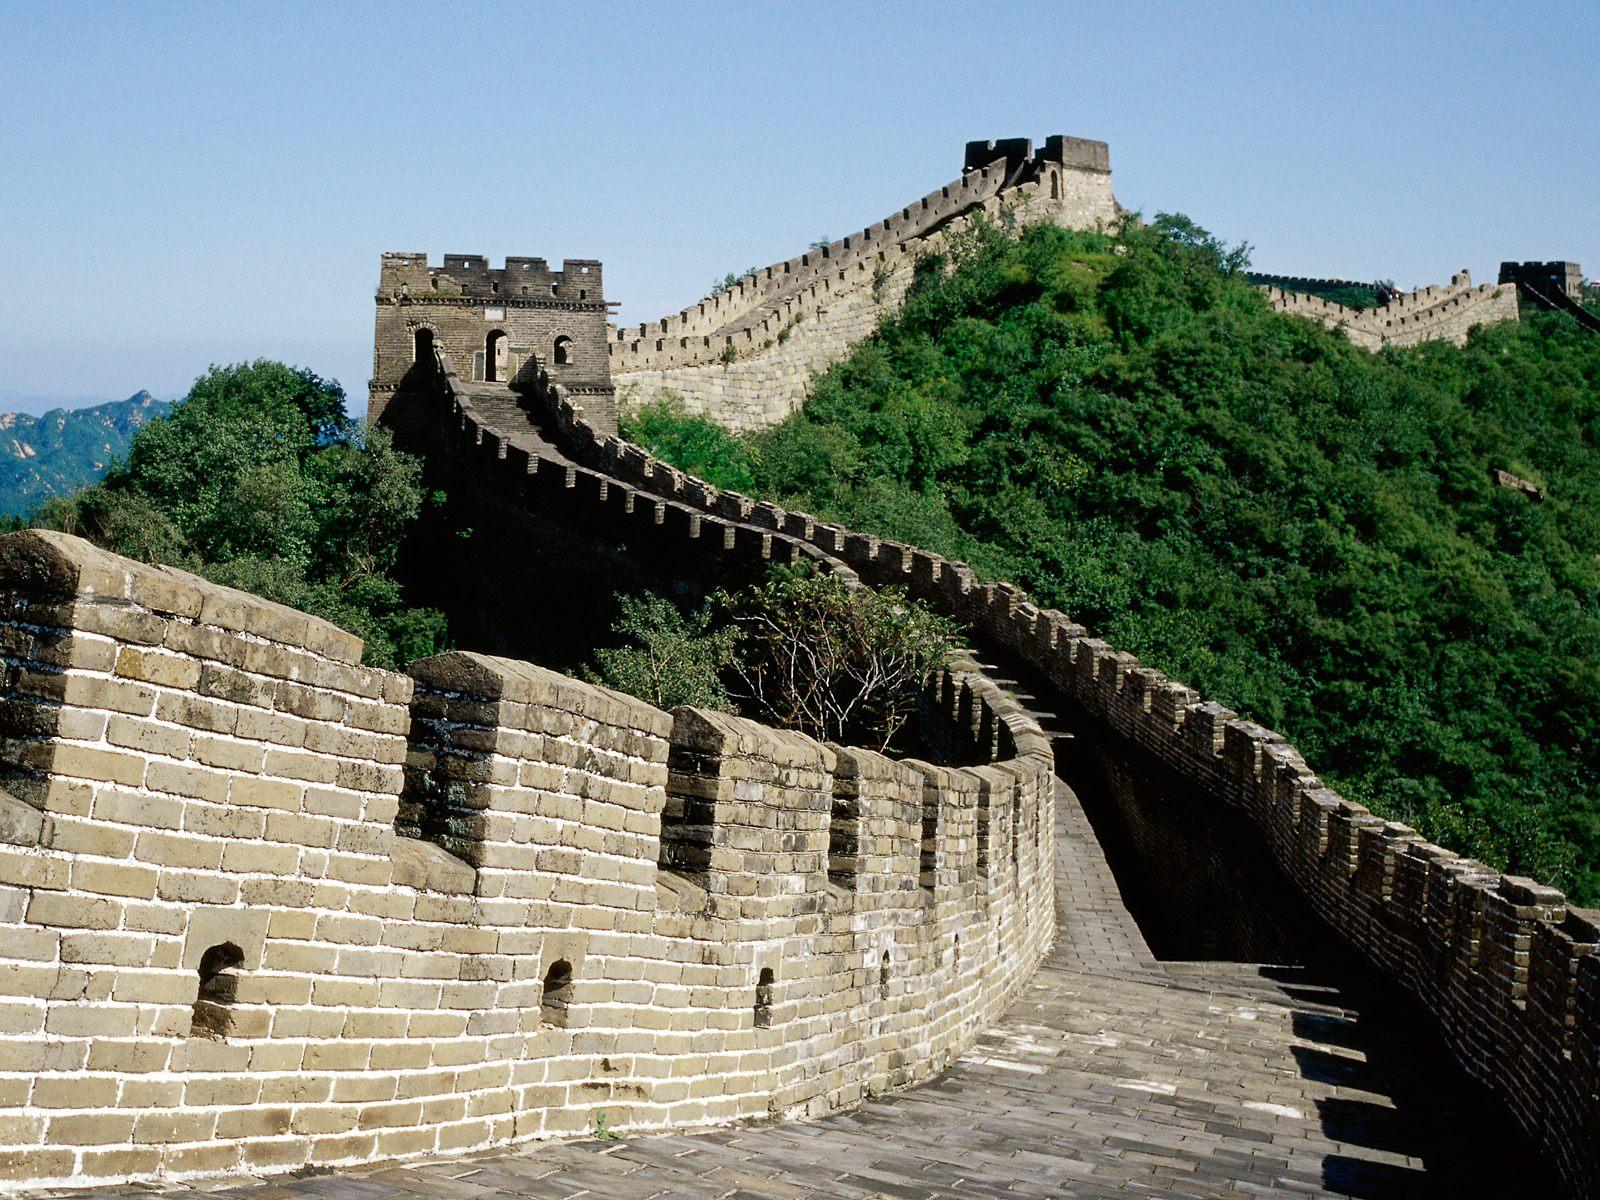 Hình ảnh Vạn Lý Trường Thành cực đẹp của Trung Quốc